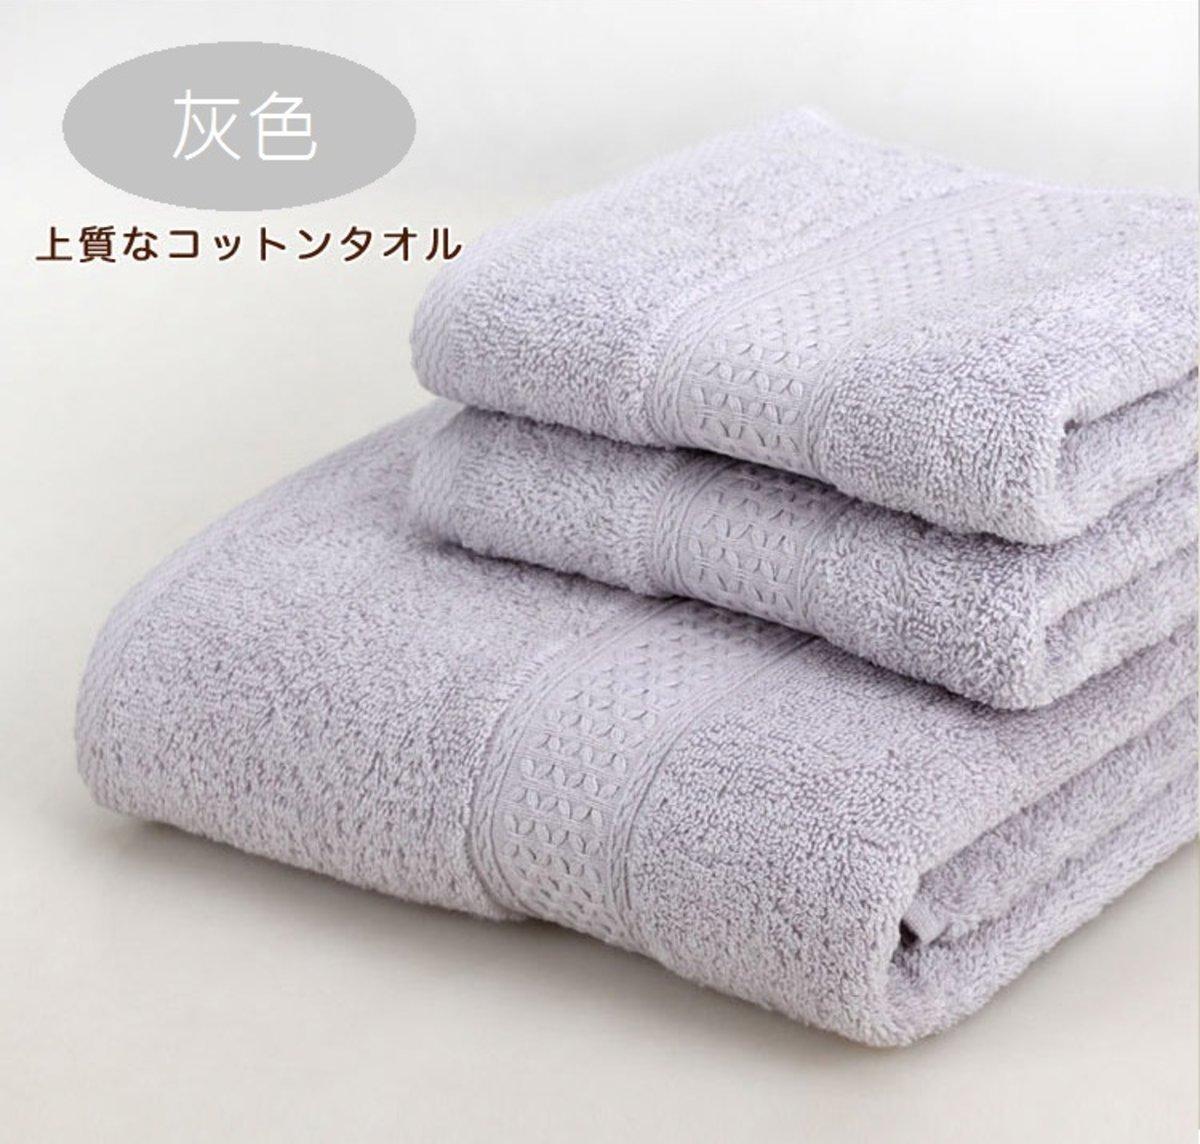 純棉大浴巾連毛巾3件套裝 / 灰色